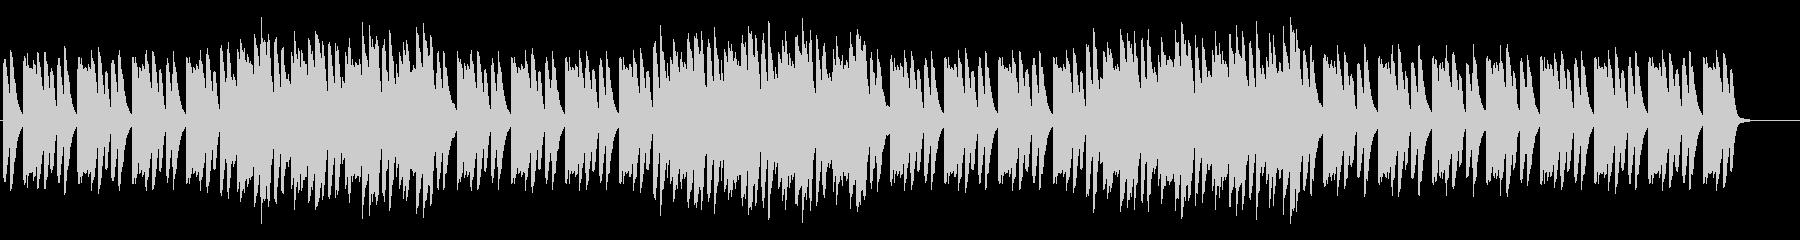 音数の少ないシンプルなミニマル系の未再生の波形